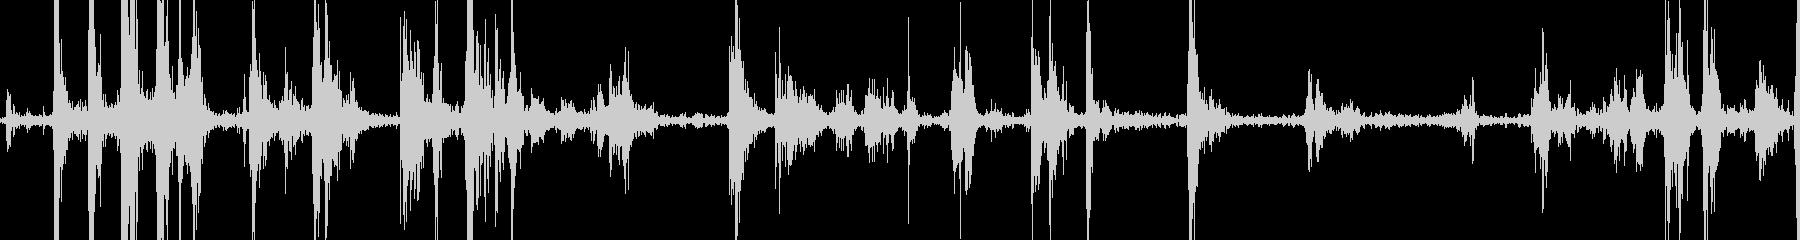 バードウィングハードフラップの未再生の波形